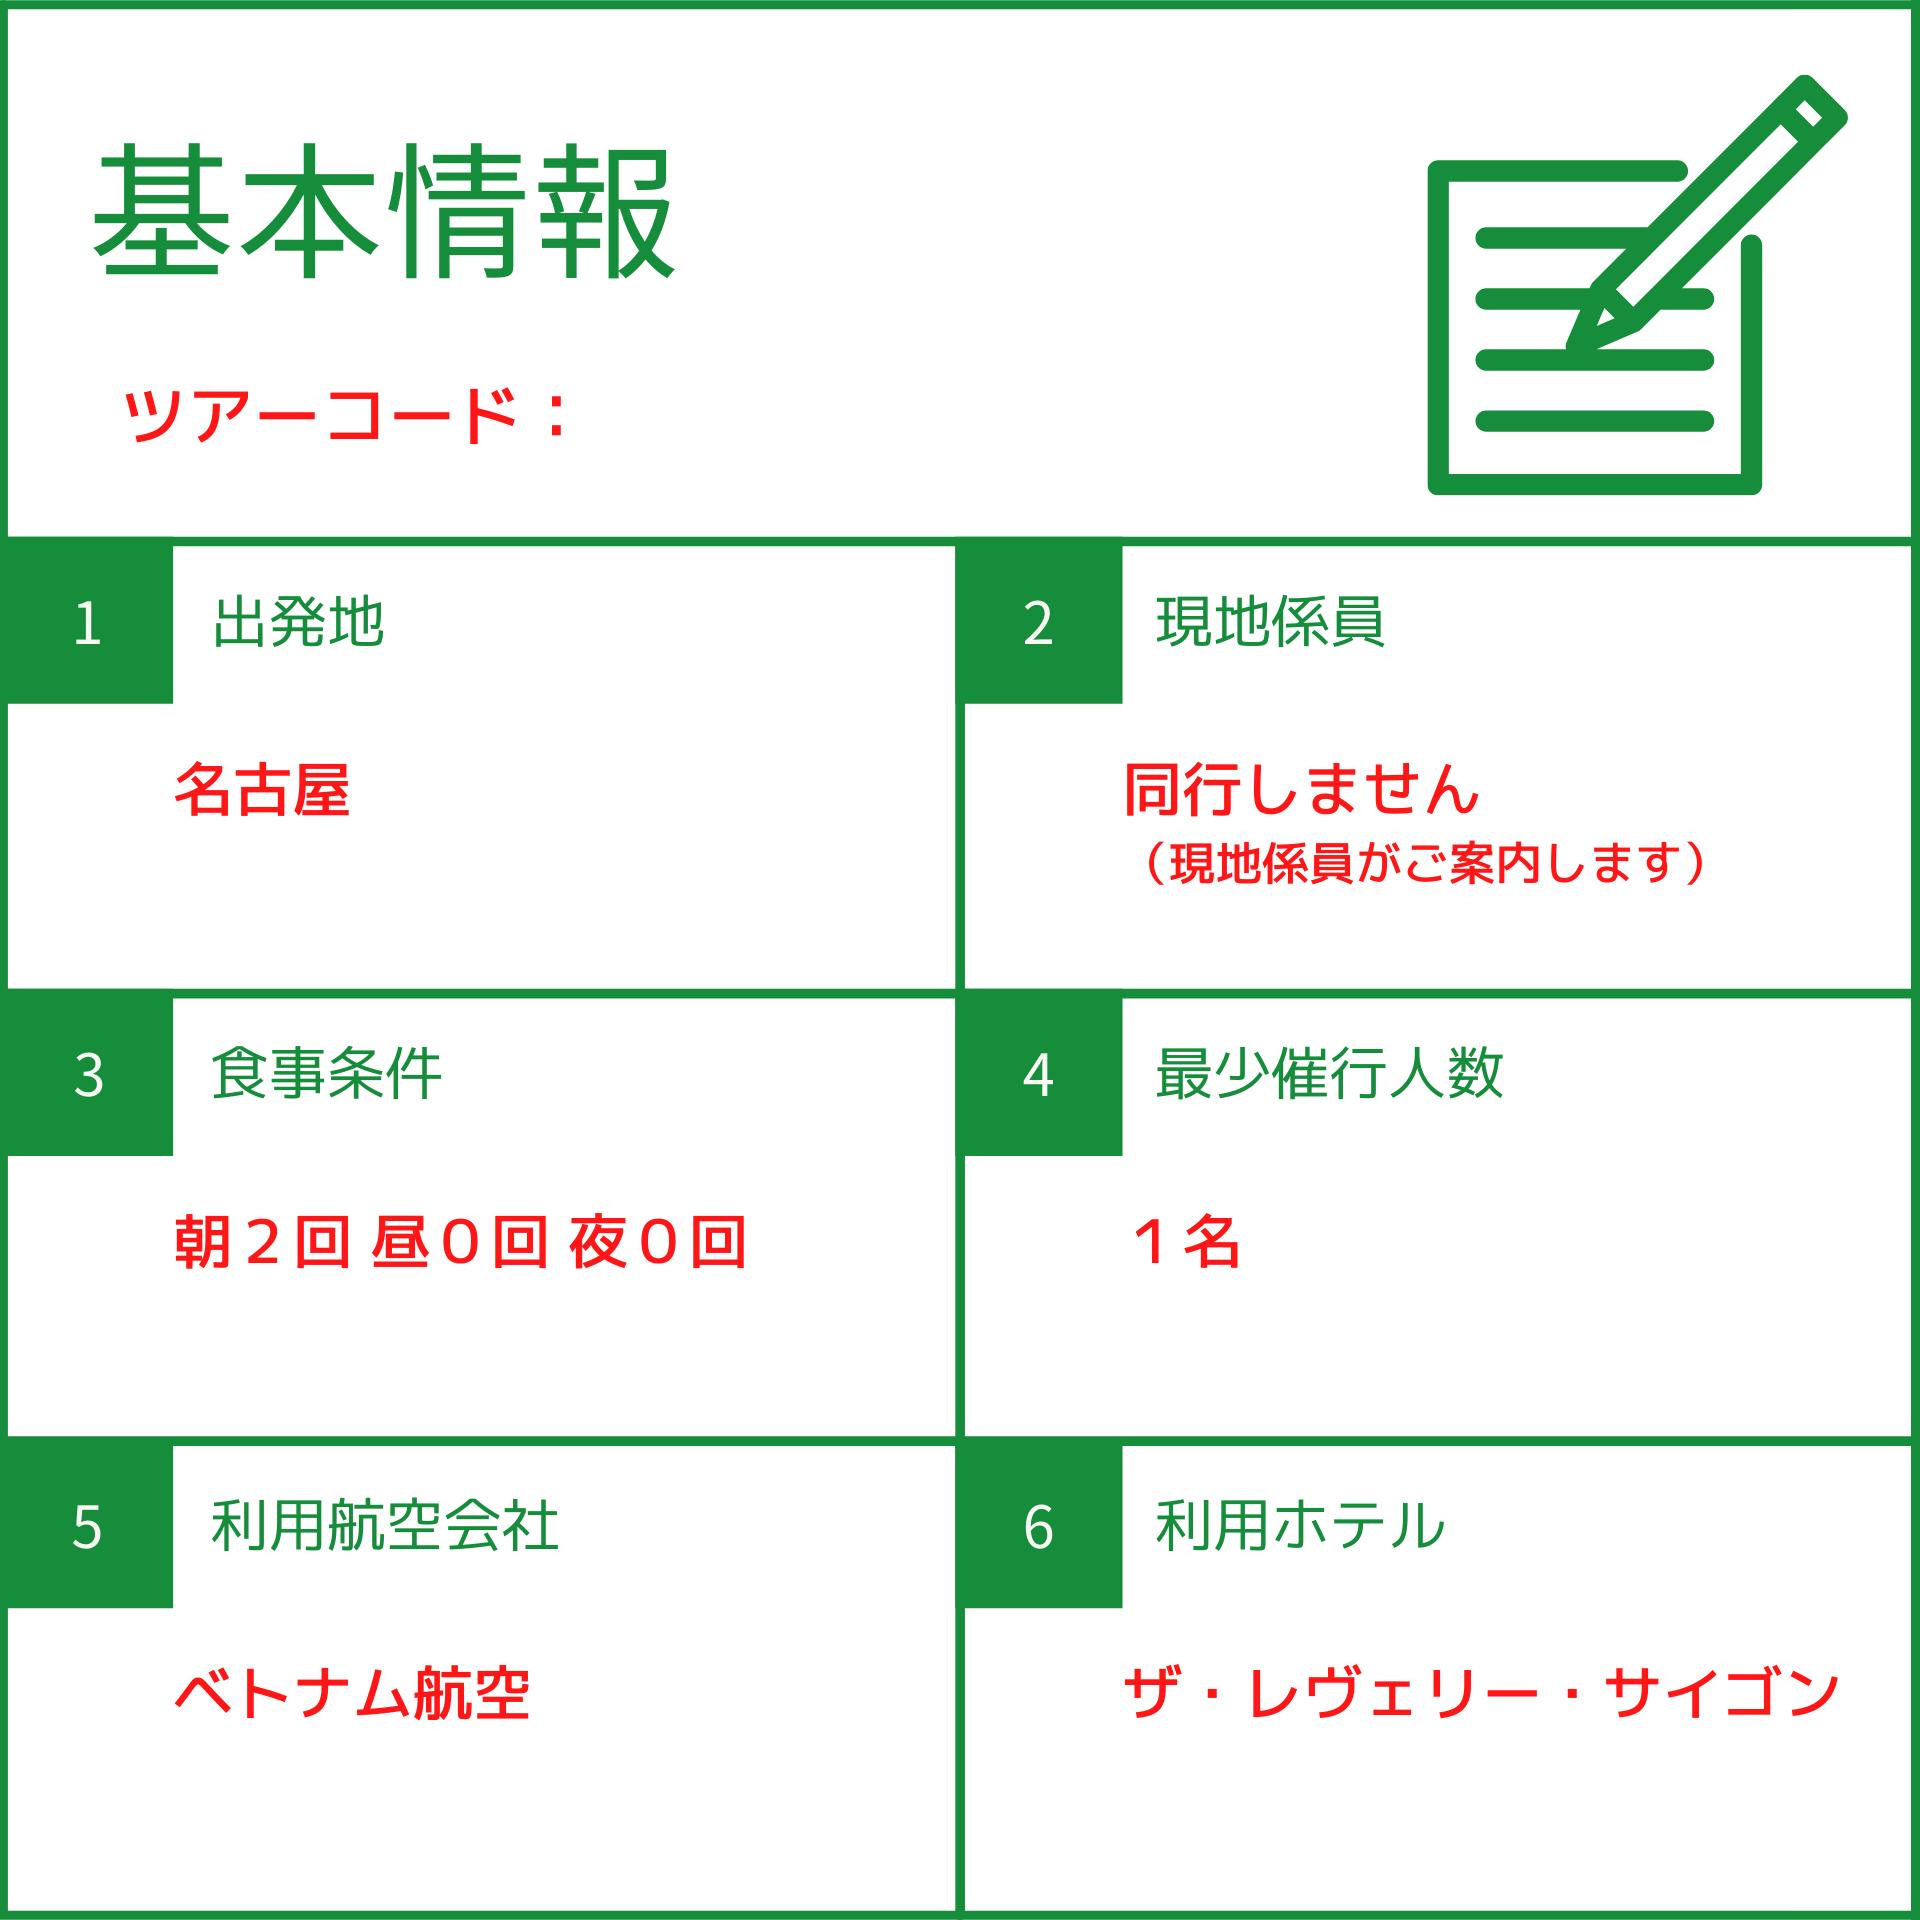 基本情報 (4)